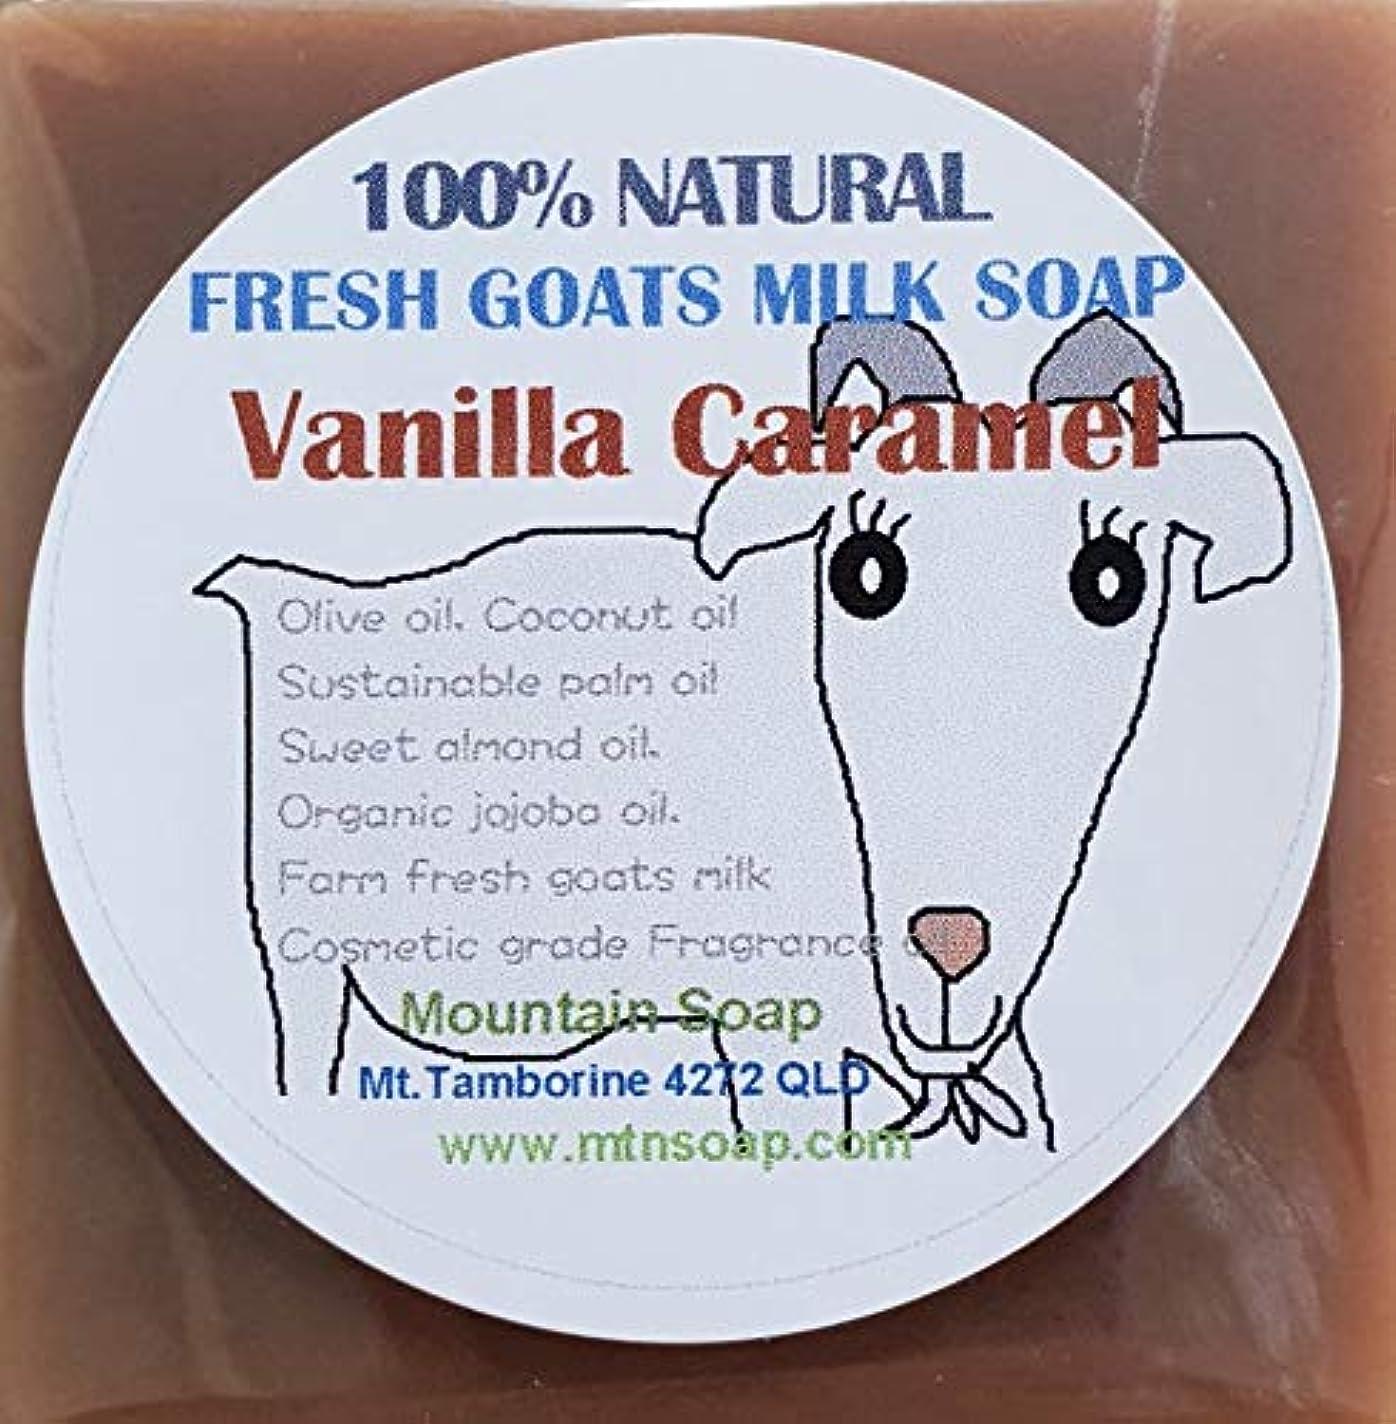 米国アヒル掘る【Mountain Soap】農場直送絞りたてゴートミルク生乳使用 ゴートミルク石鹸 バニラキャラメル